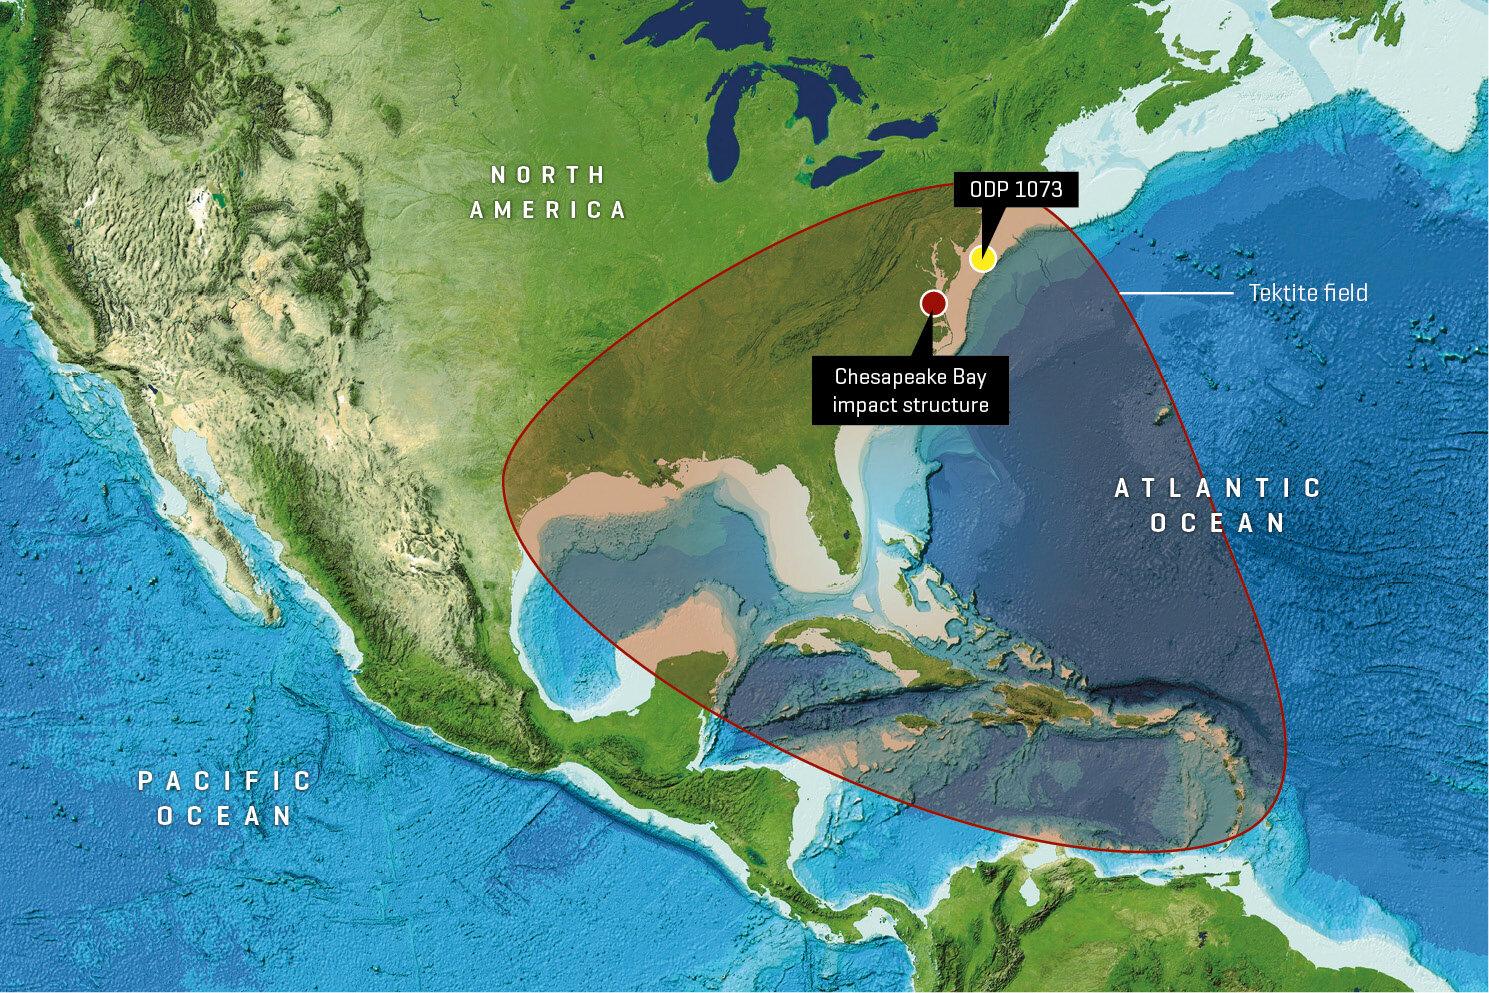 [와우! 과학] 3500만 년 전 미국 초토화…소행성 충돌 증거 발견